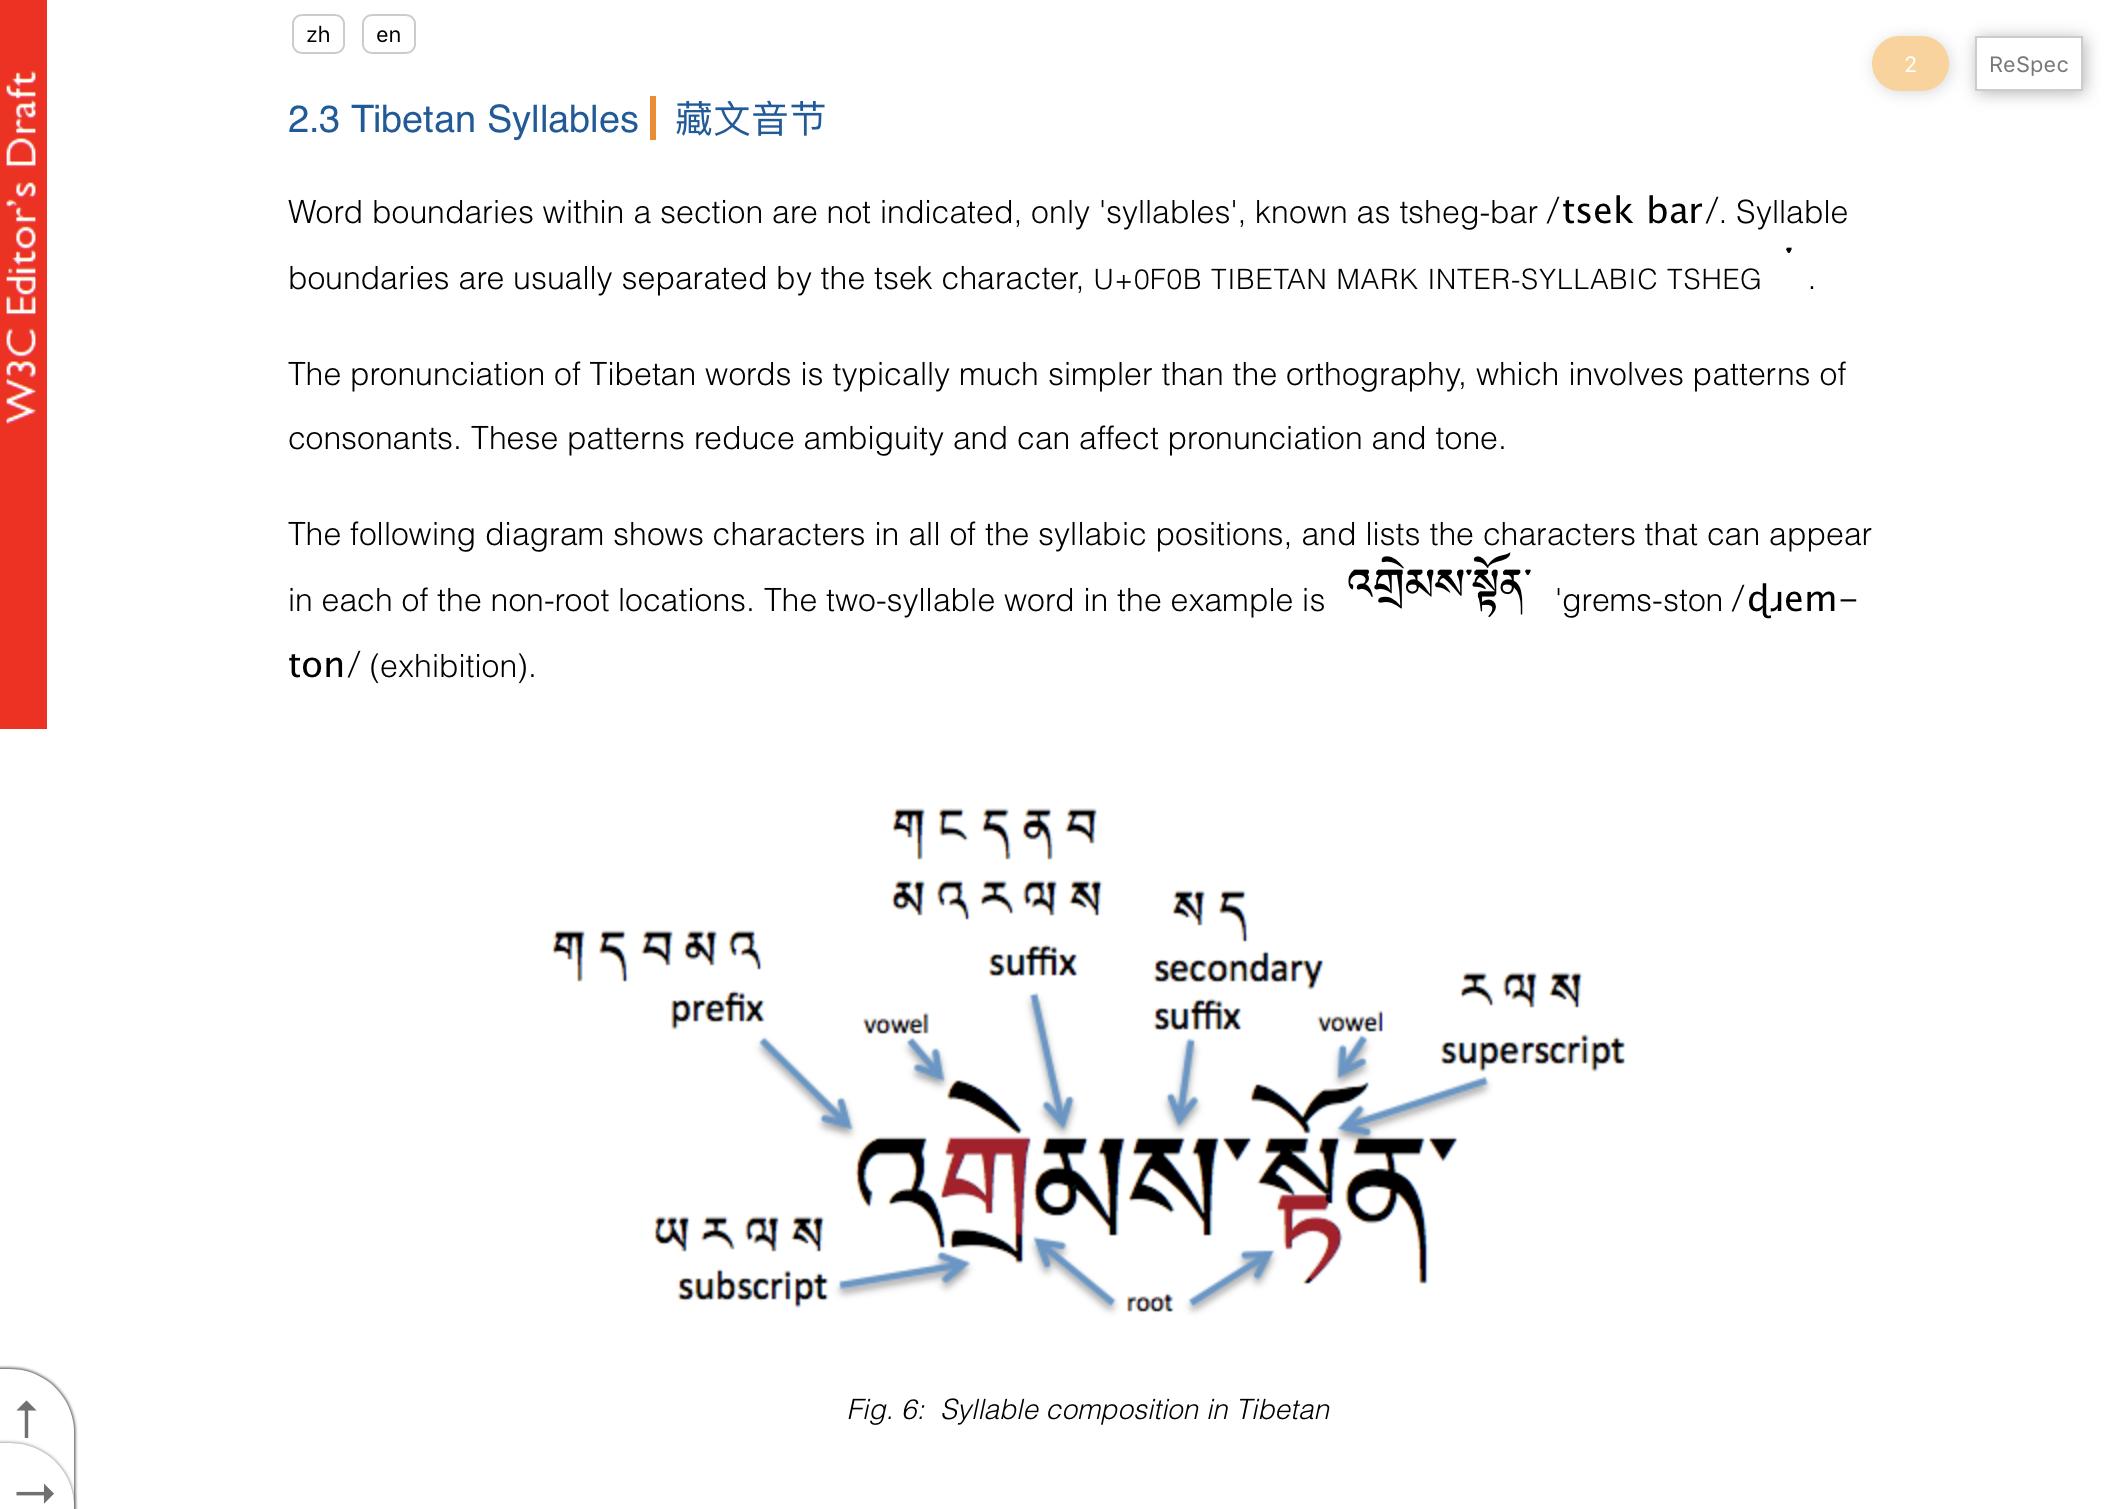 《藏文排版需求》